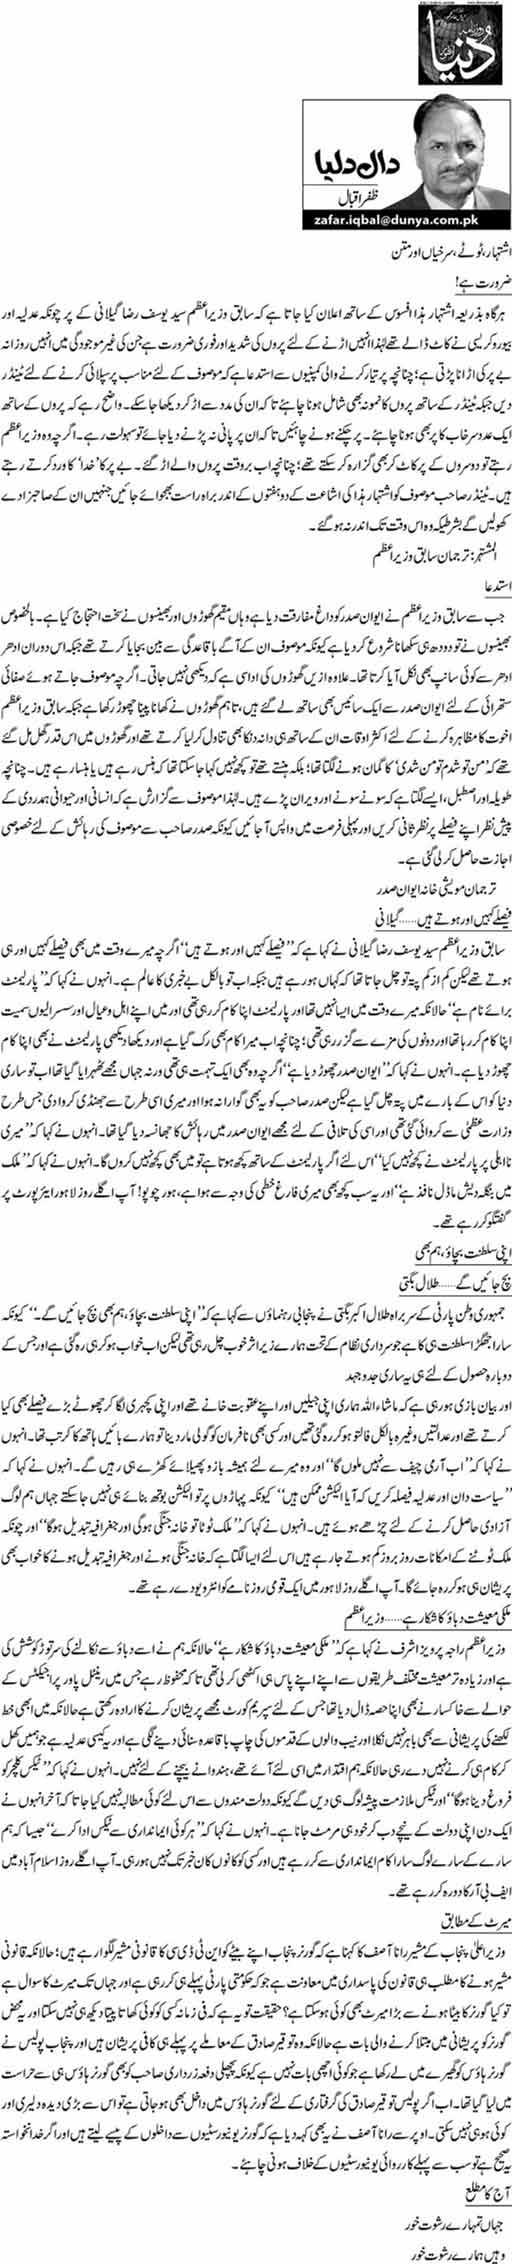 Ishtihar, Totay, Surkhiyyan, aur matan - Zafar Iqbal